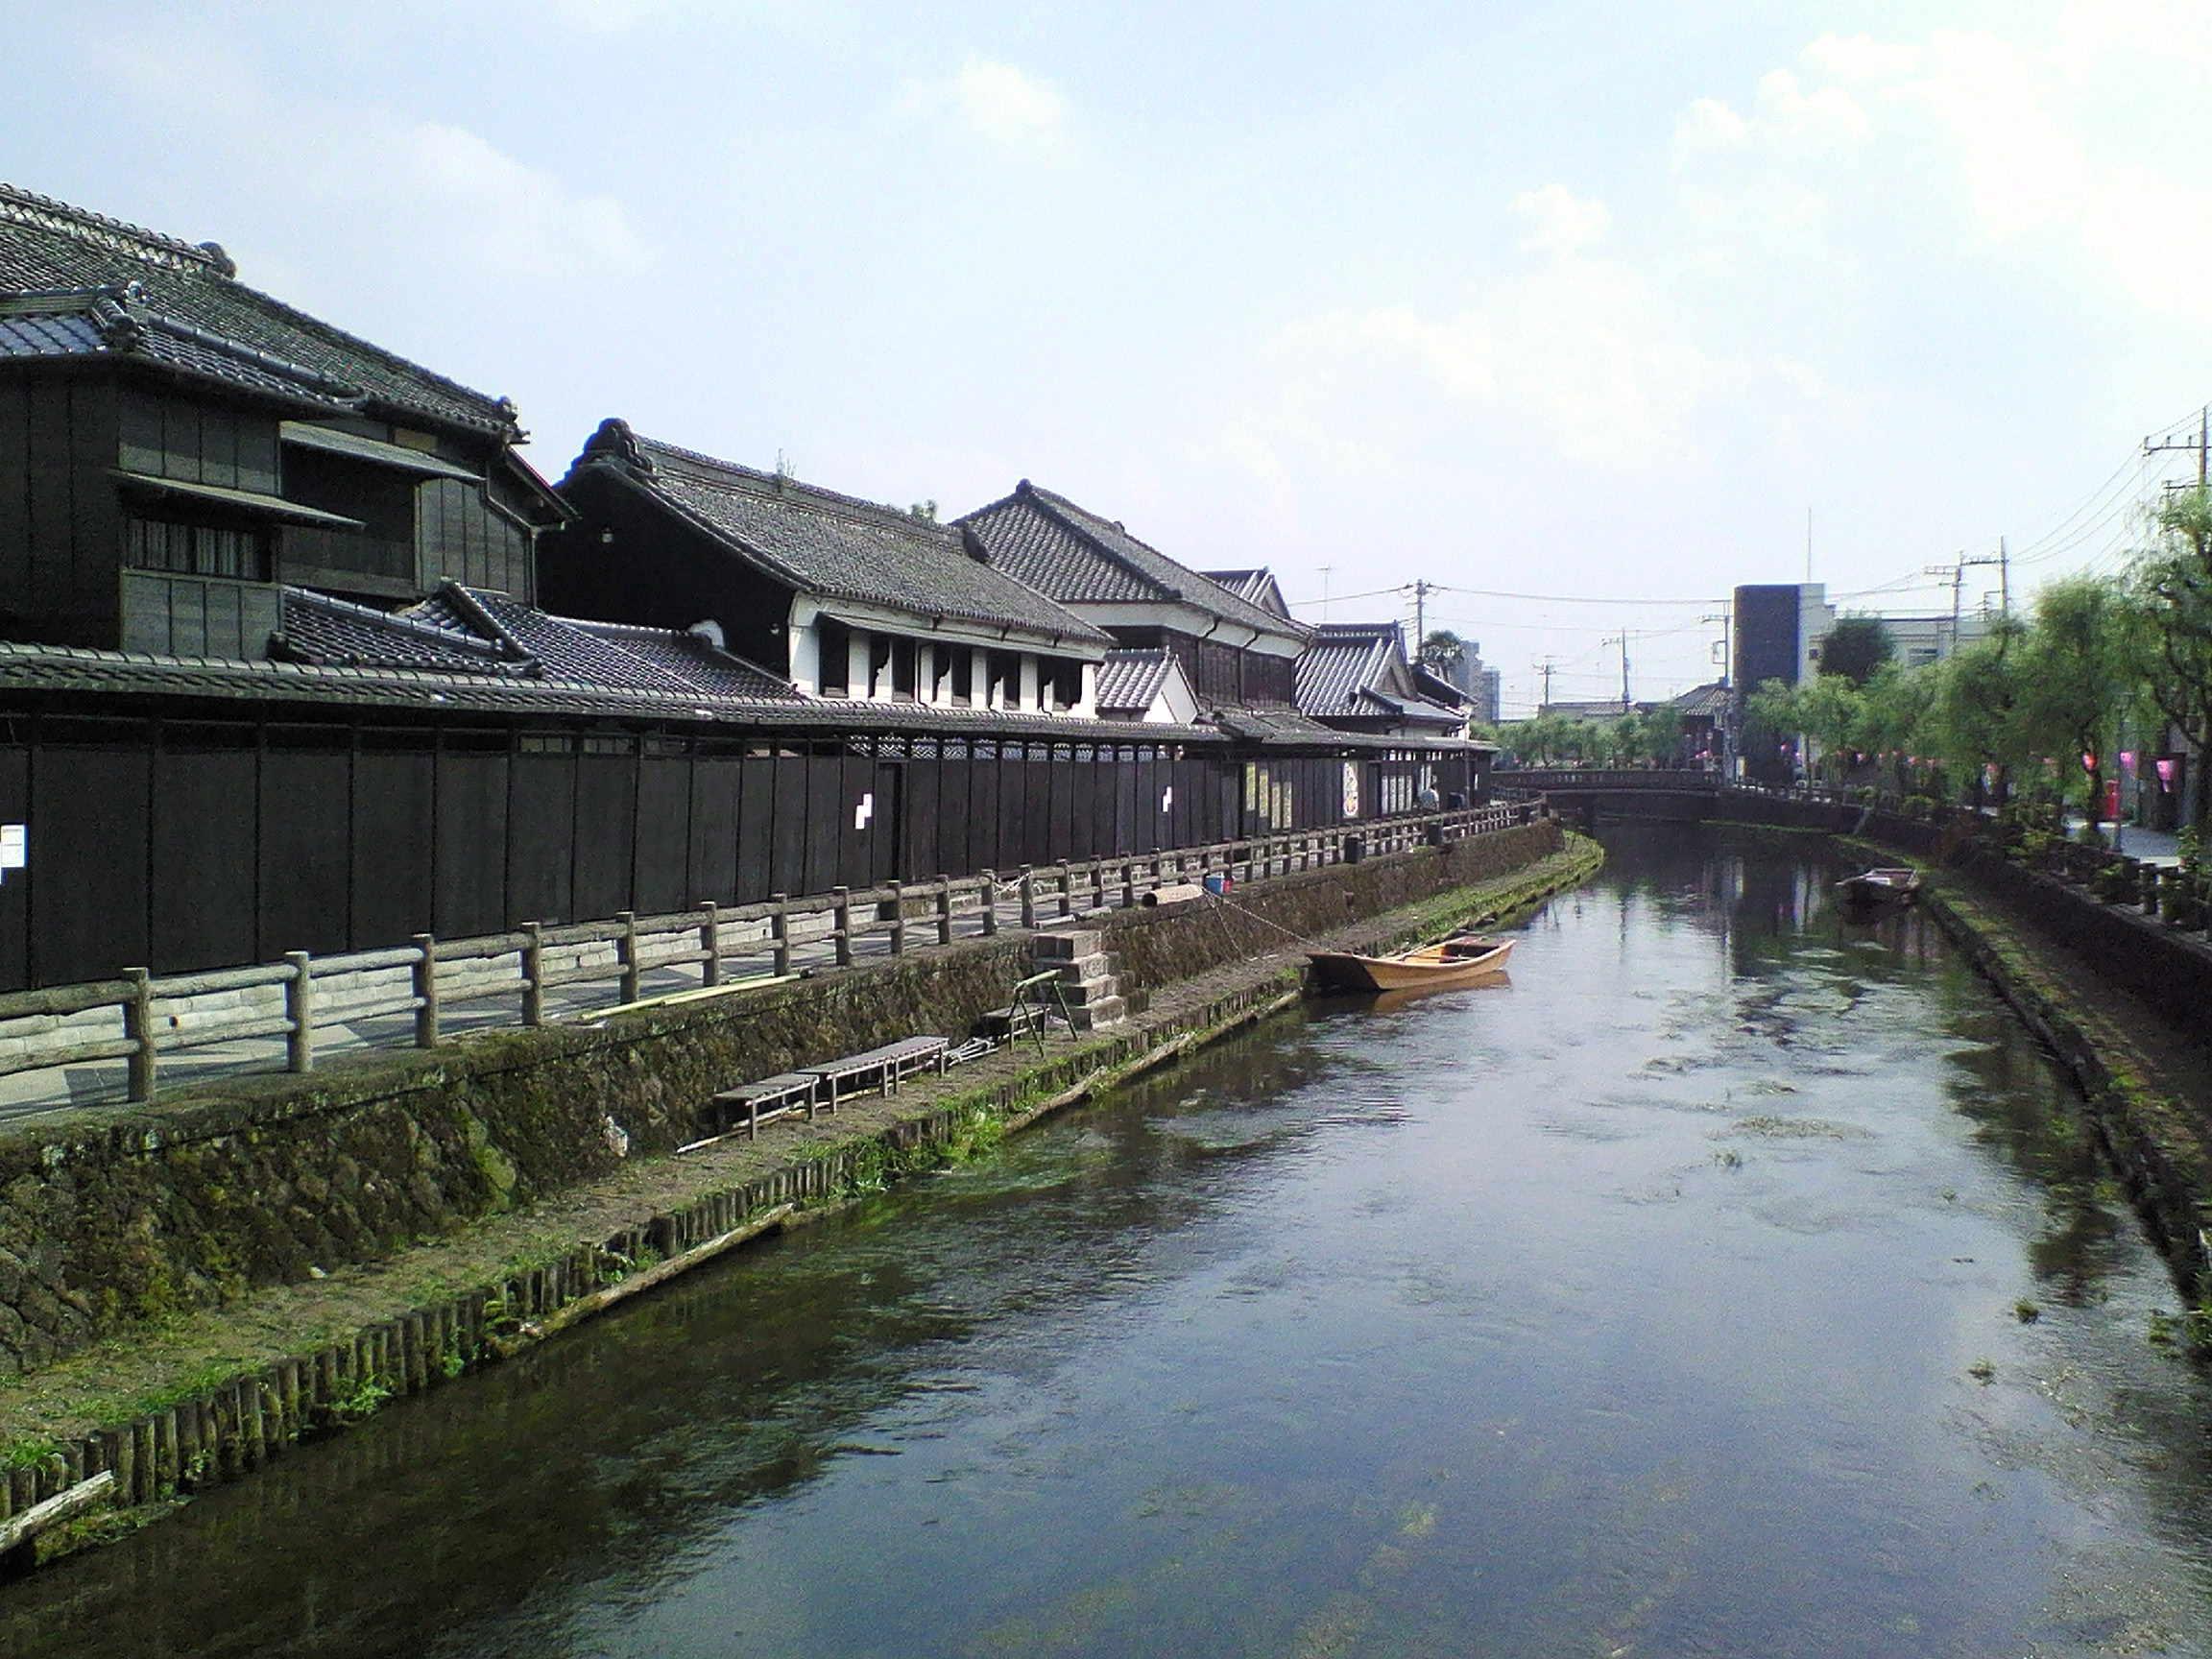 自然がいっぱい!栃木市のここは行きたいおすすめランチ特集!のサムネイル画像